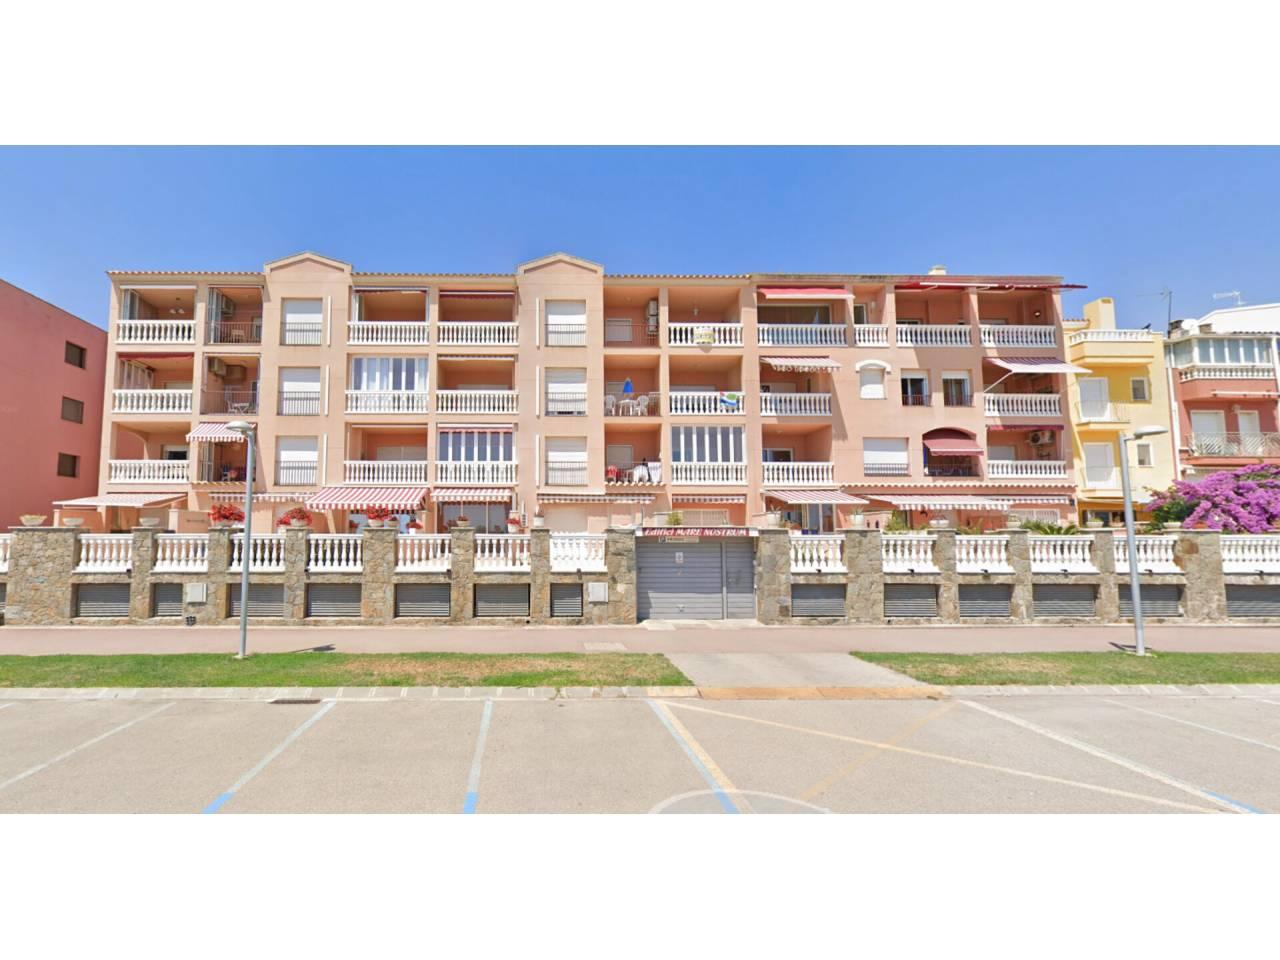 008001 - Appartement en location annuelle à Empuriabrava